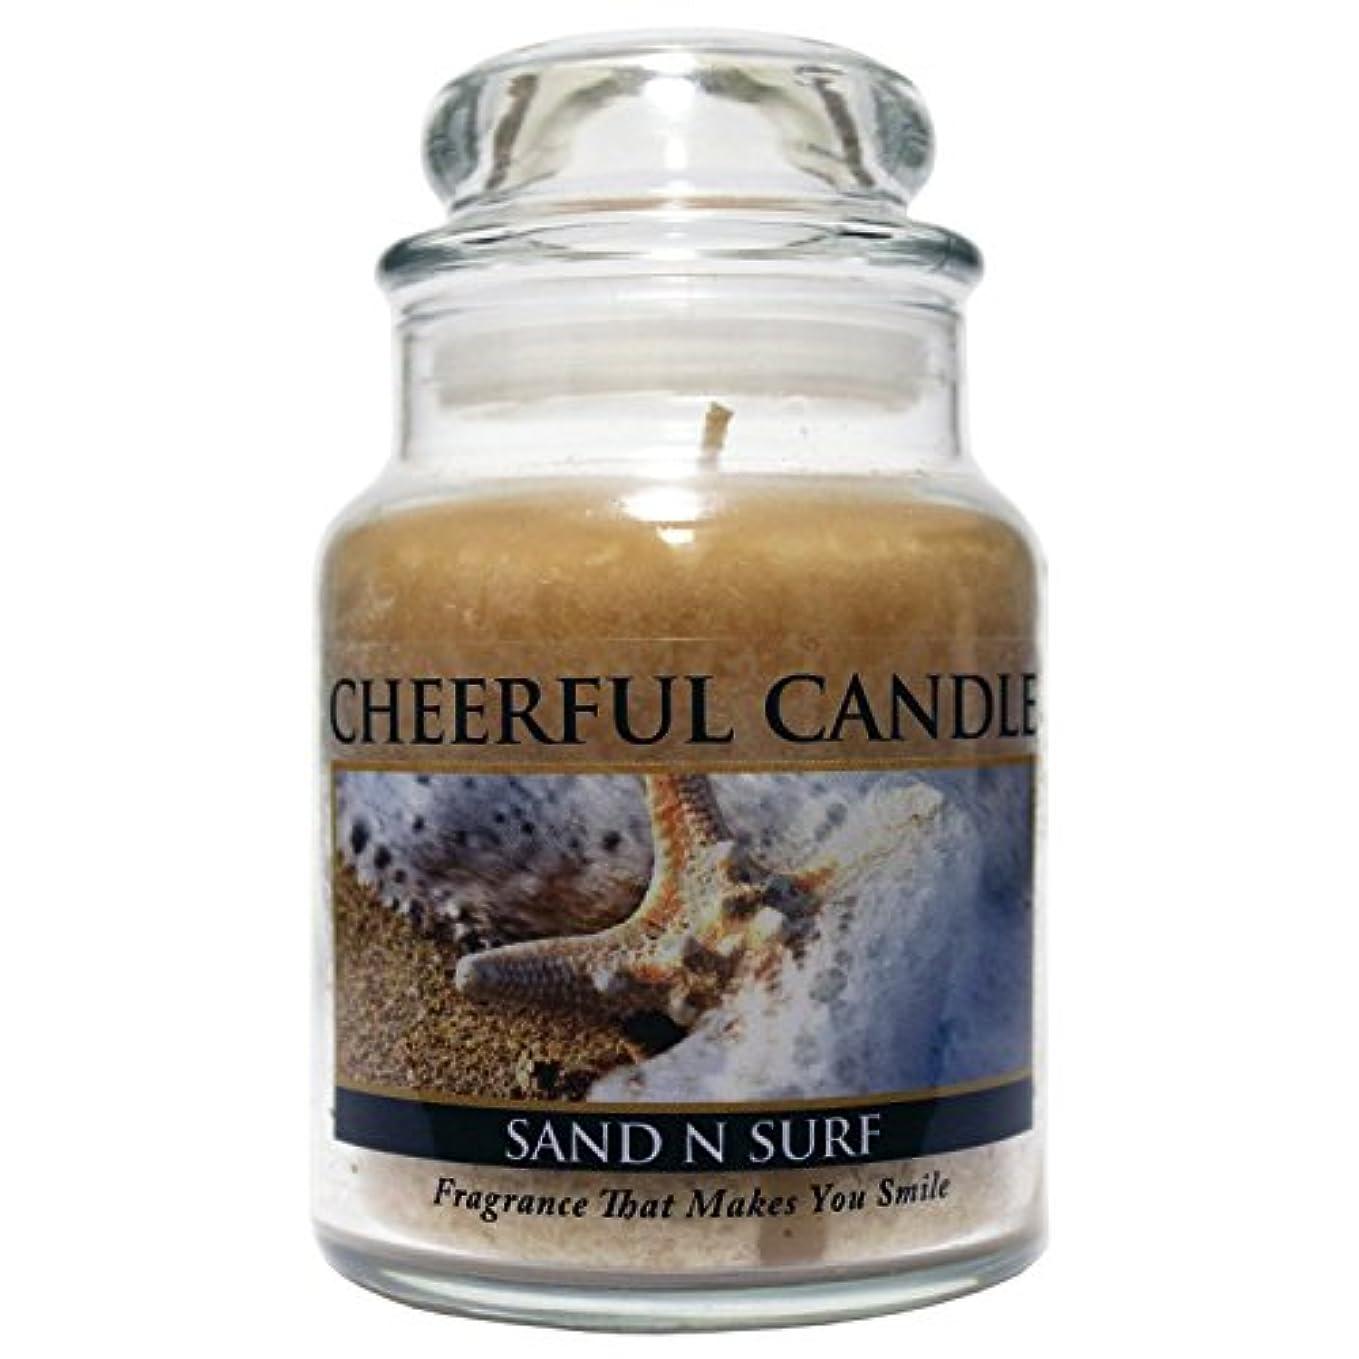 コードレスタイルテーマA Cheerful Giver Sand 'n Surf Jar Candle, 6-Ounce [並行輸入品]